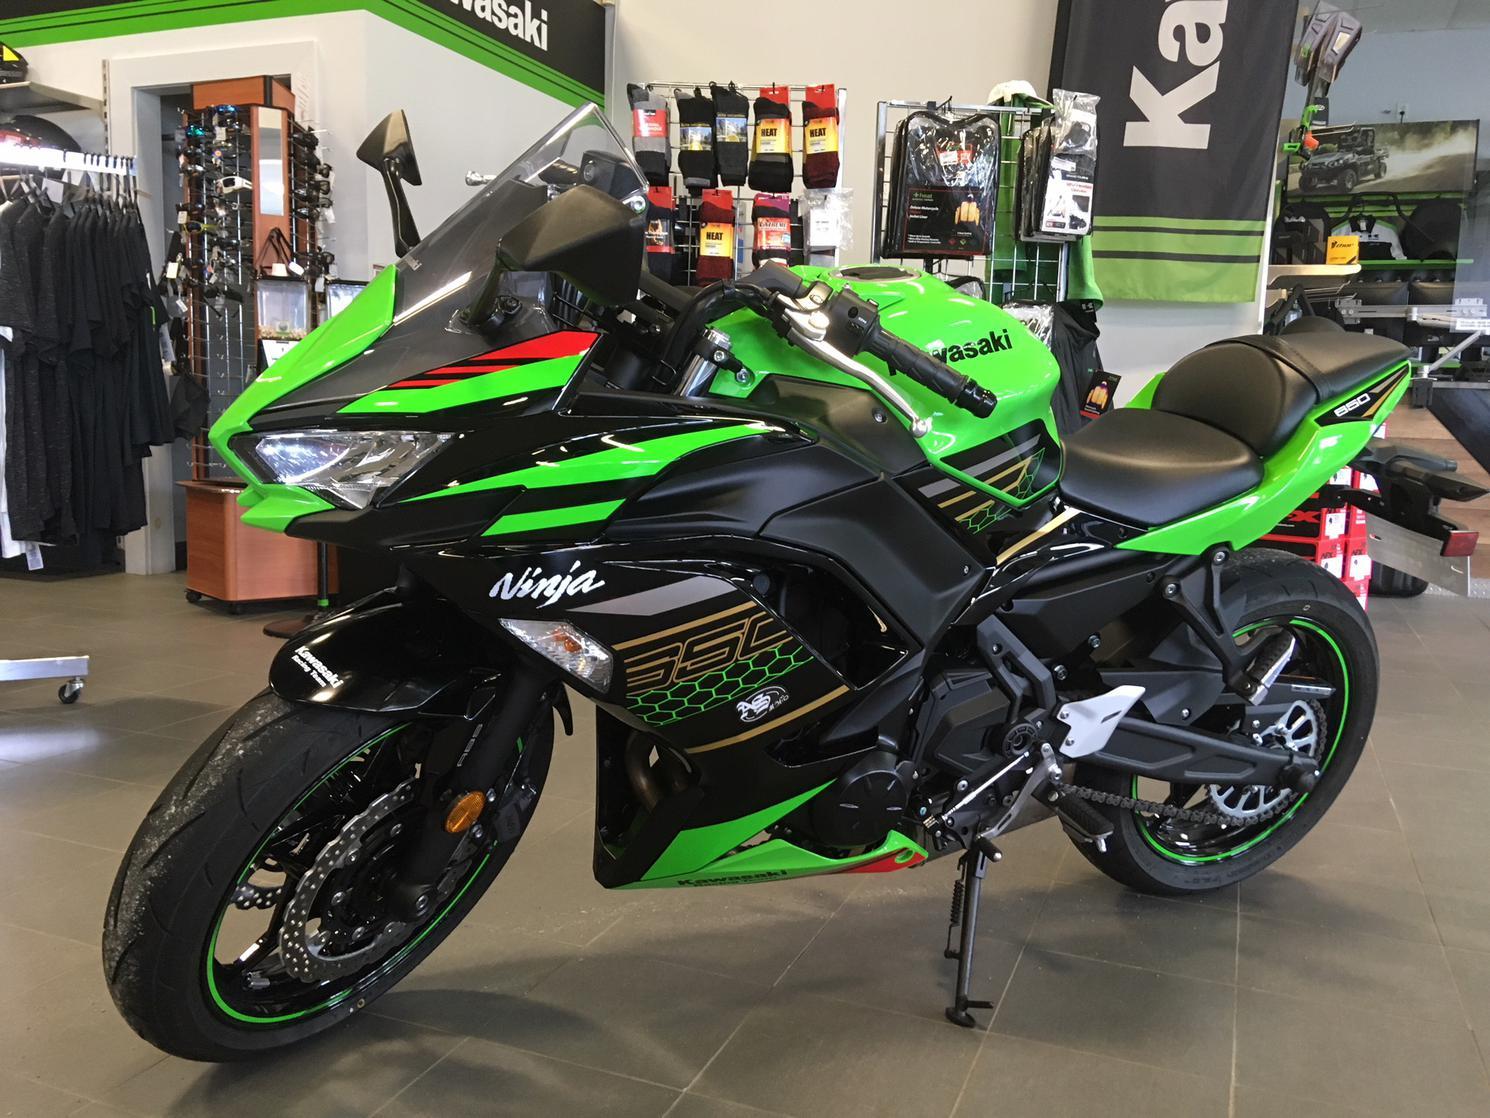 Kawasaki NINJA 650 KRT ABS - EX650 KRT ABS 2020